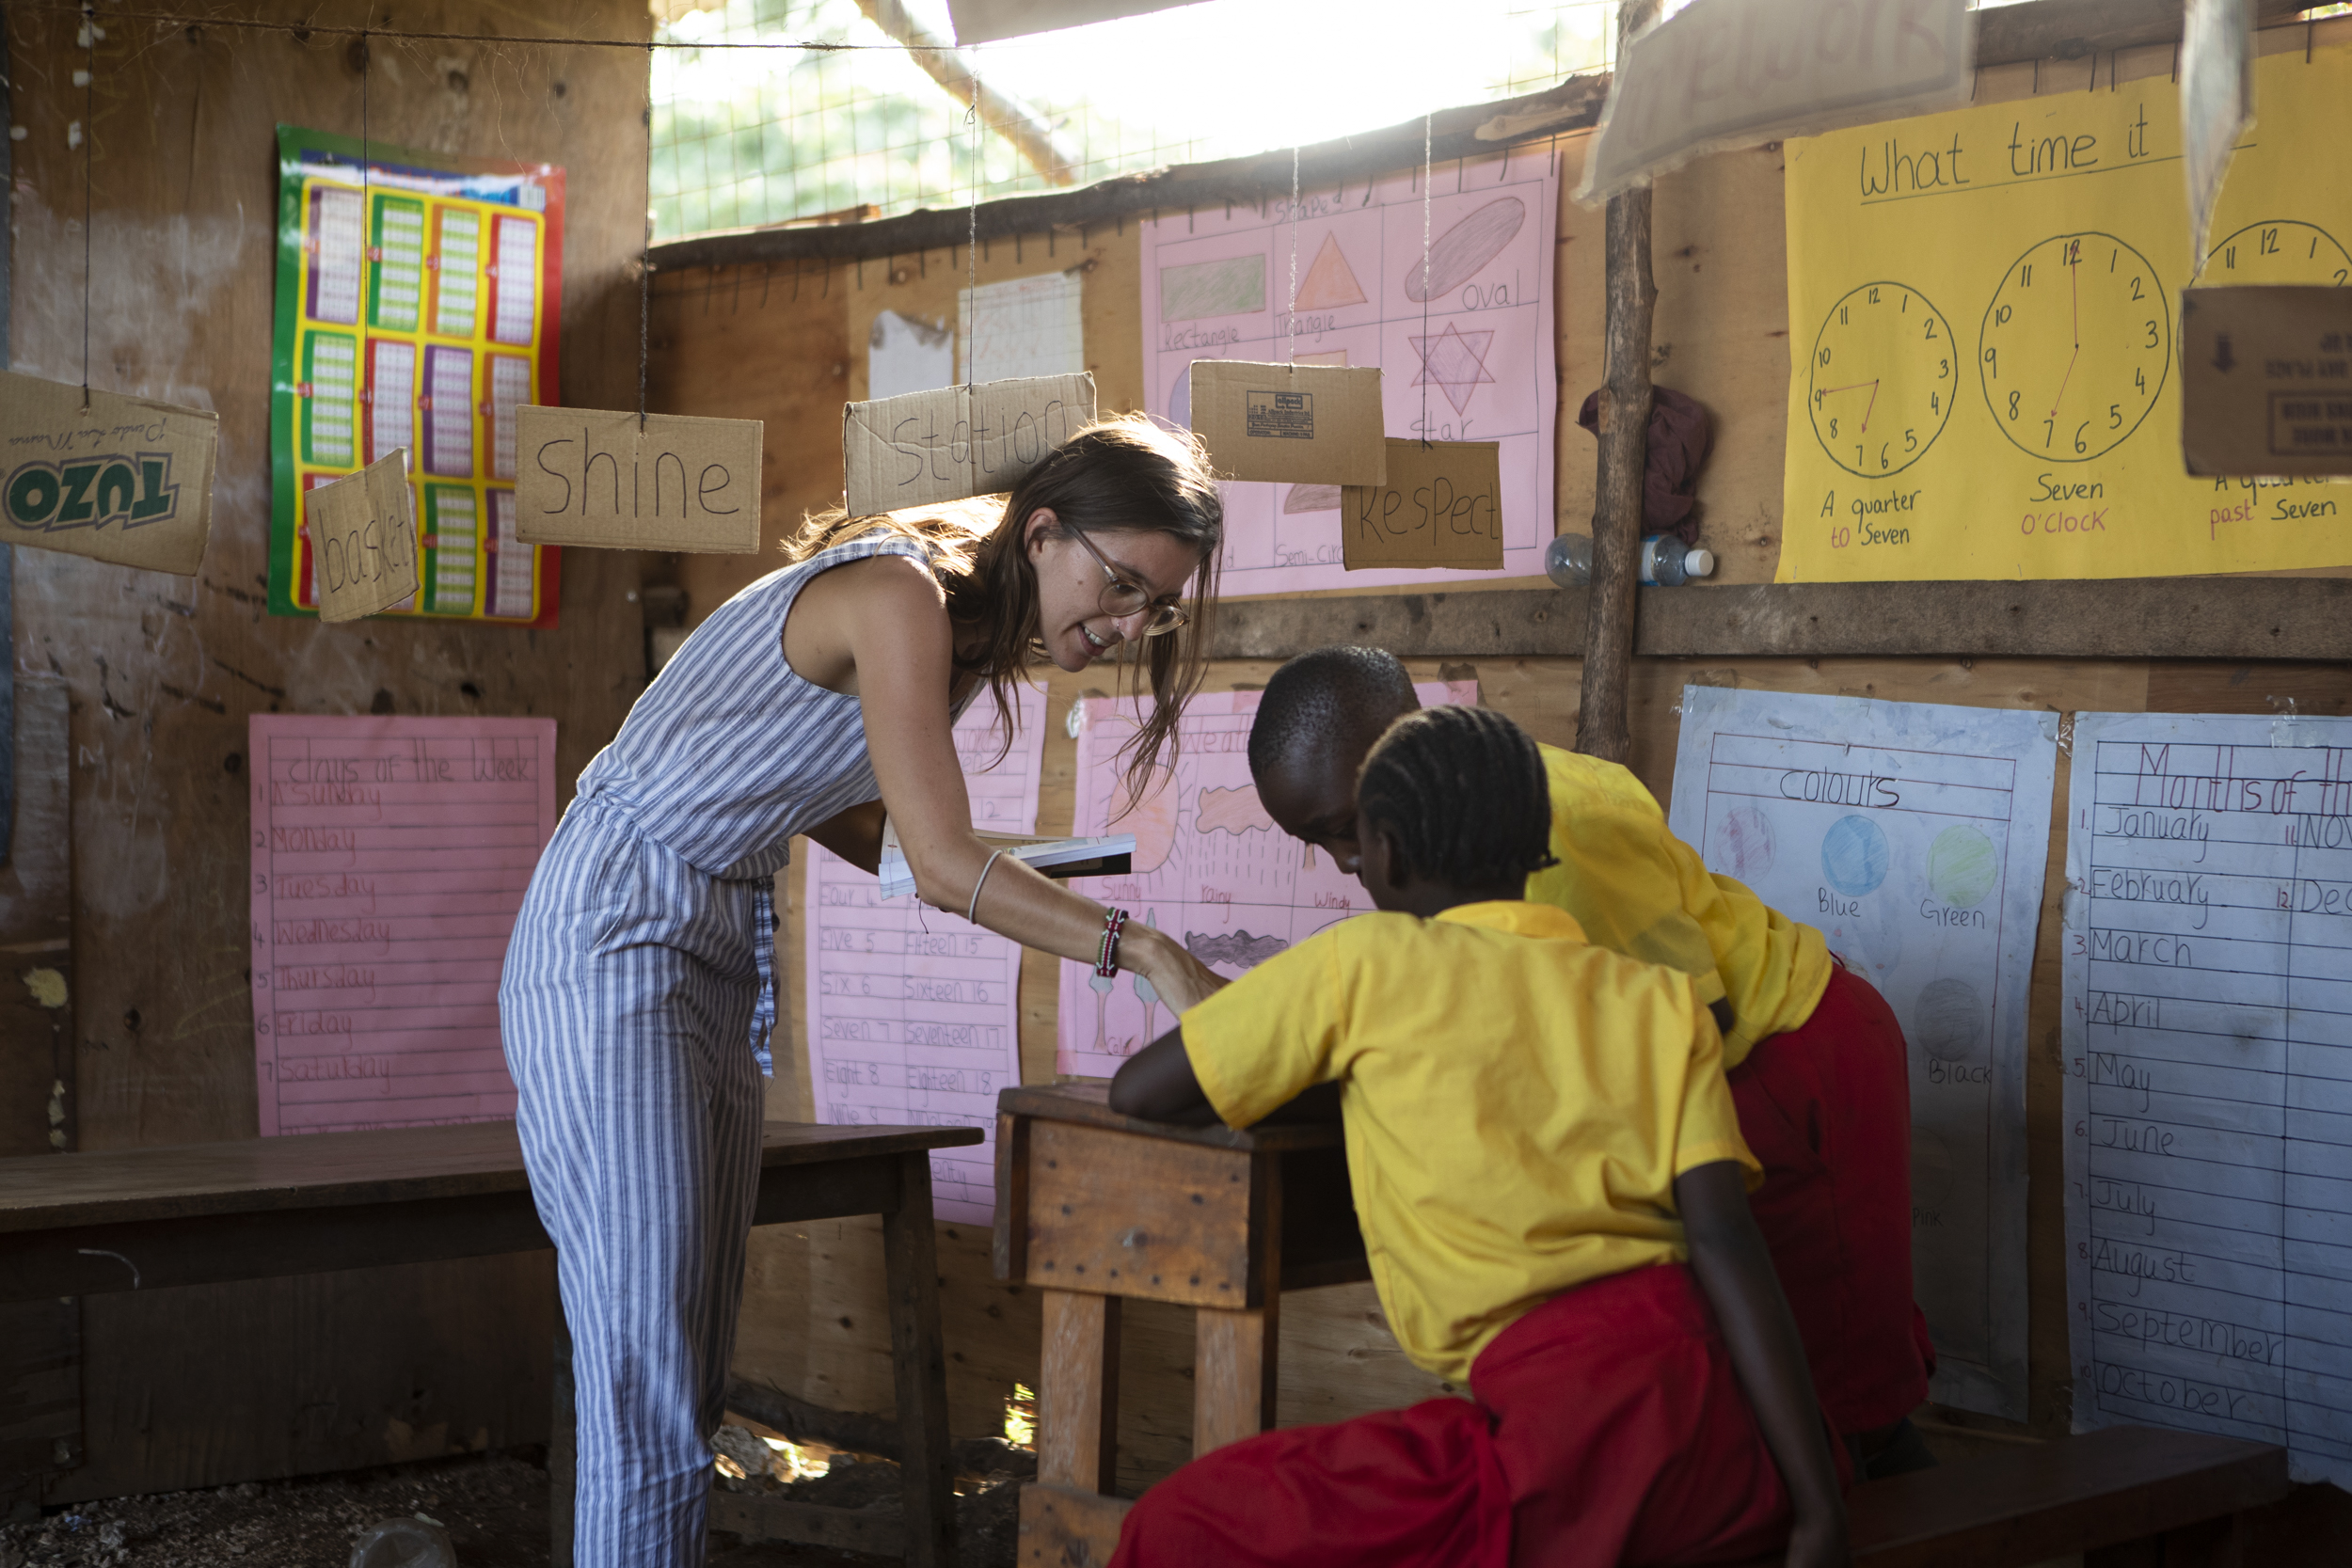 Vereinspräsidentin Stefanie Brenner hält an der Shine School eine Lektion. (Foto: Milan Rohrer)